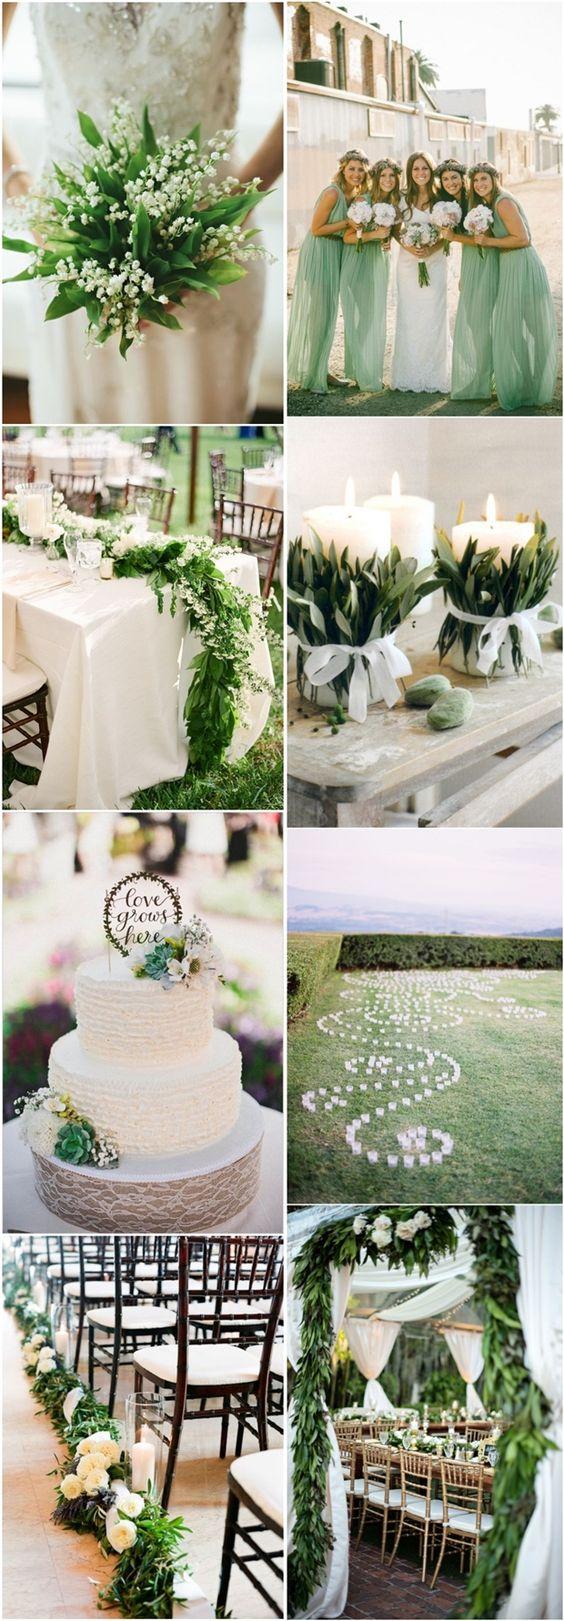 40 ideas para bodas temáticas con verdor. #BodasVerdes: